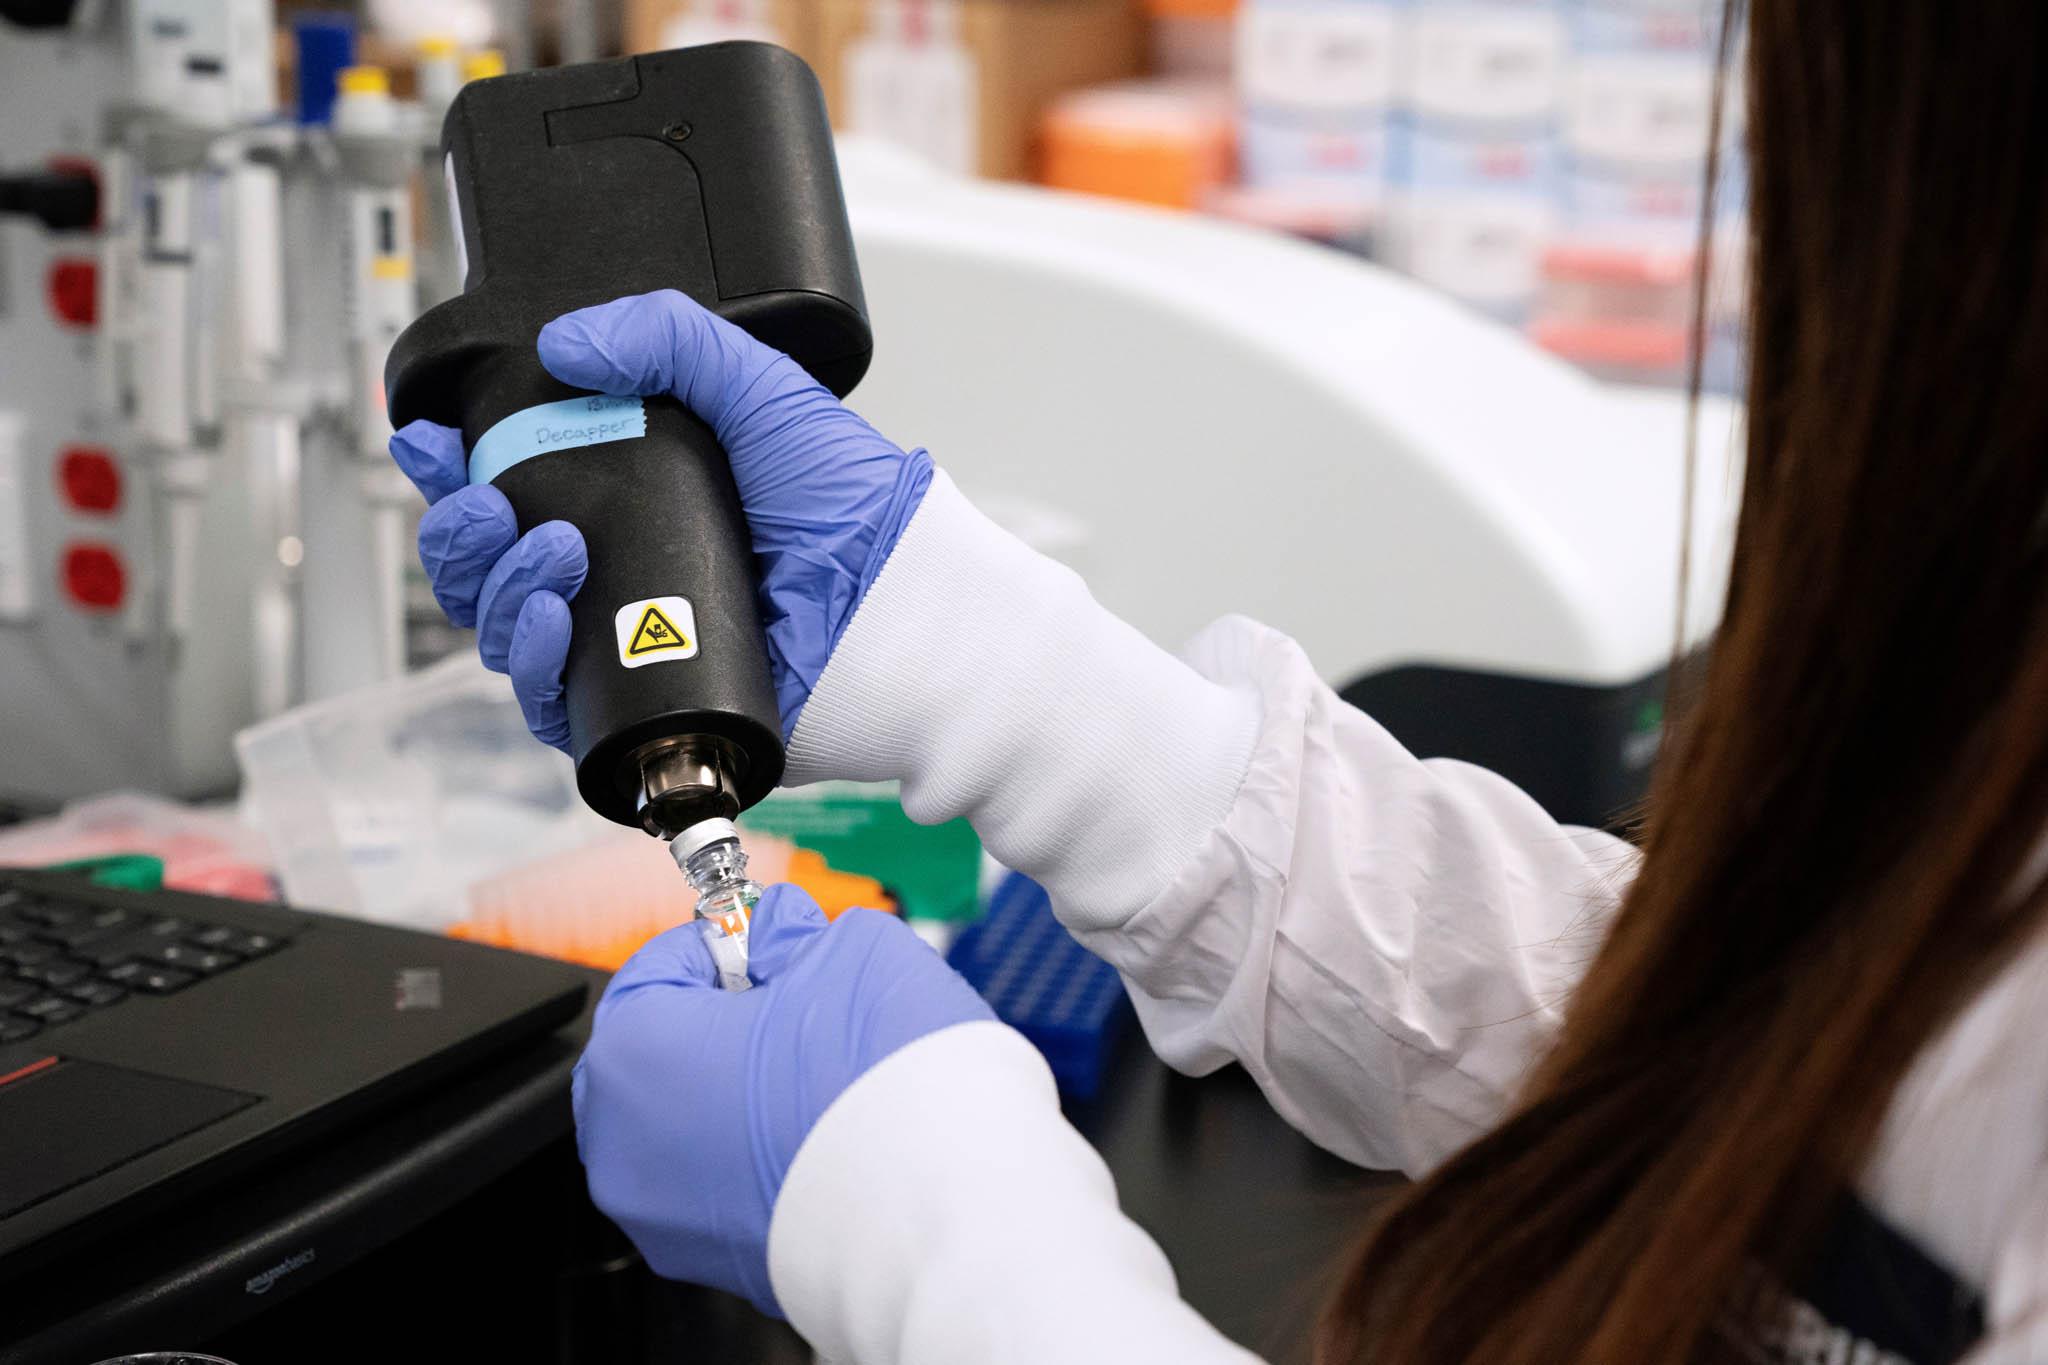 Kdo bude první. Americký Národní zdravotní ústav schválil ve zrychleném procesu testování nových vakcín nadobrovolnících, jimž bude nejprve doorganismu vpraven virus SARS-CoV-2.